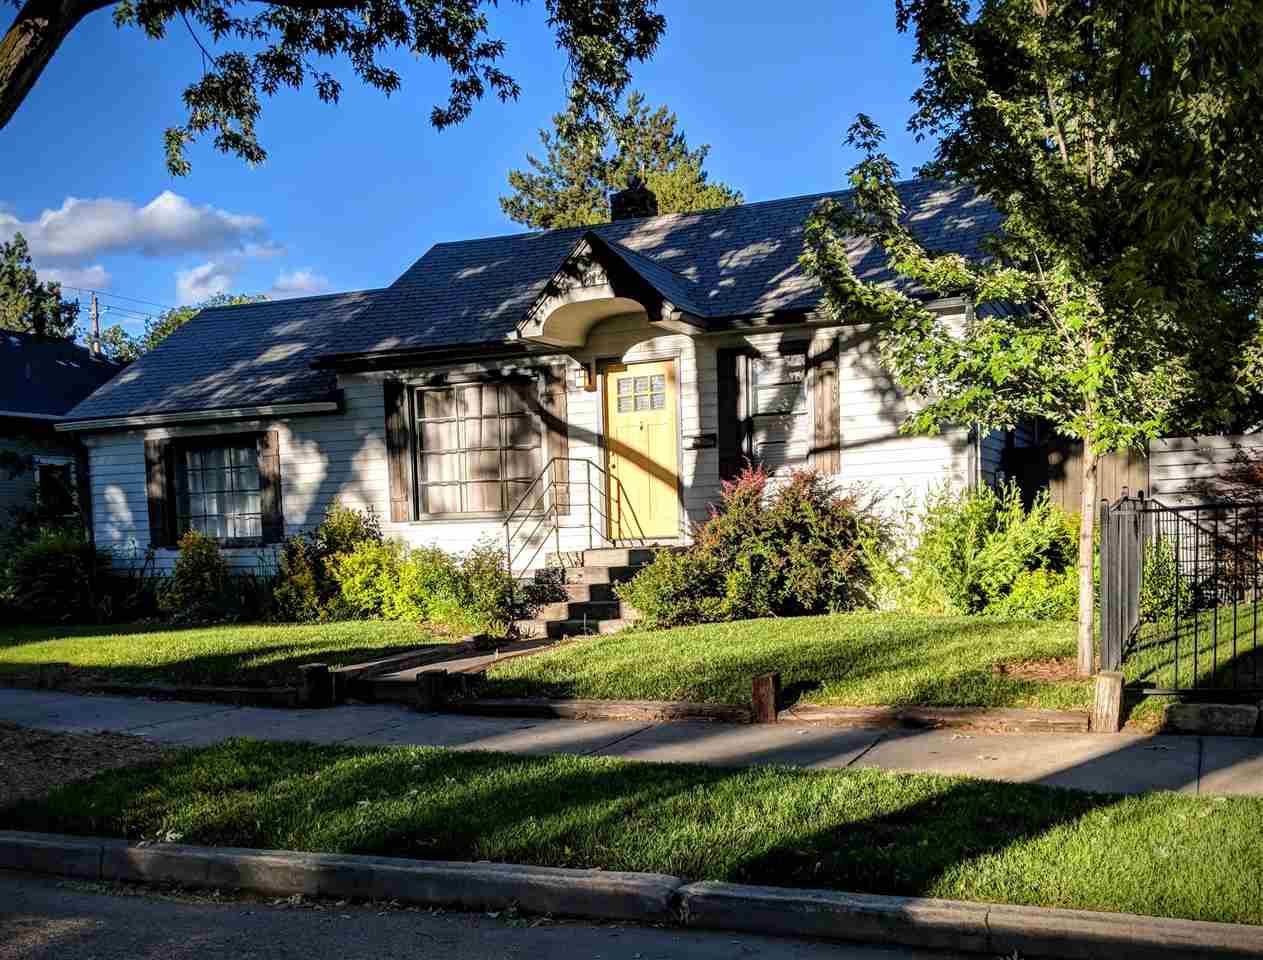 1814 N 16th St,Boise,Idaho 83702,3 Bedrooms Bedrooms,2 BathroomsBathrooms,Rental,1814 N 16th St,98680972